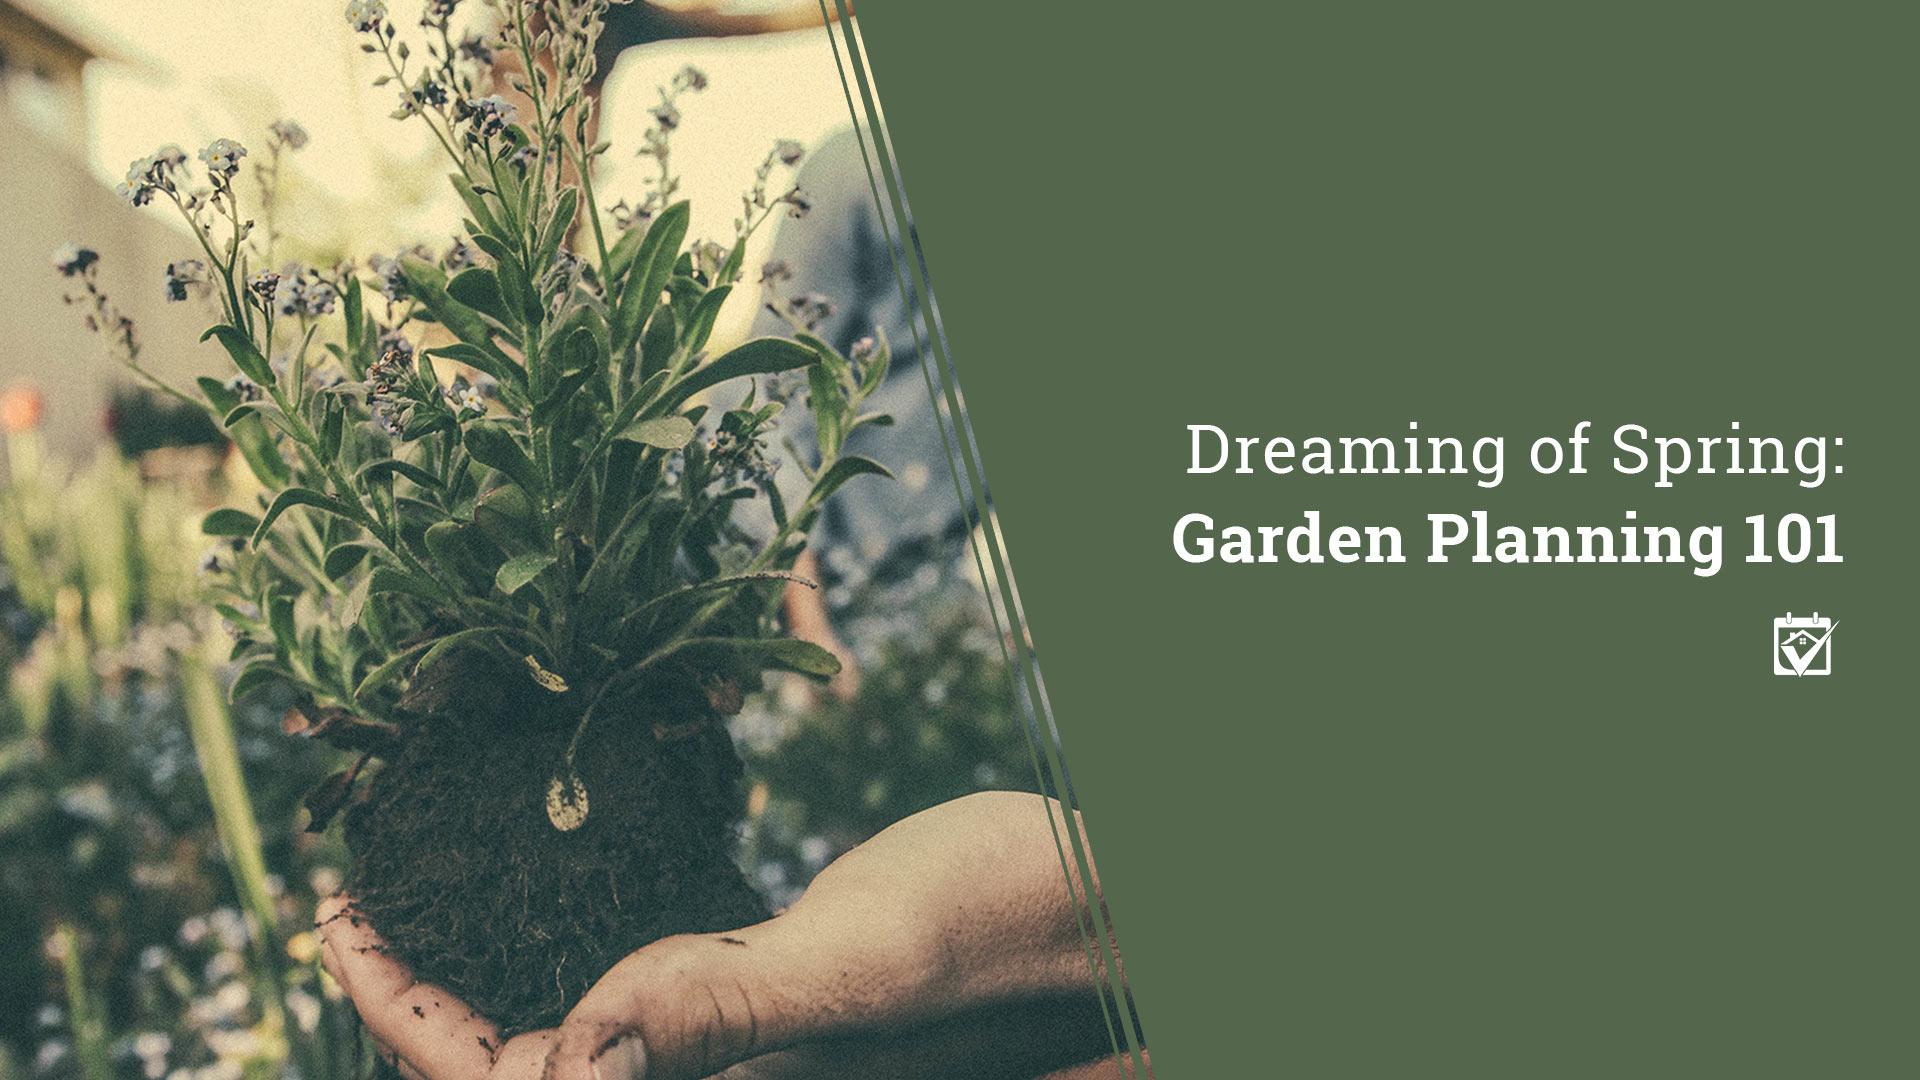 HomeKeepr – Spring Garden Planning